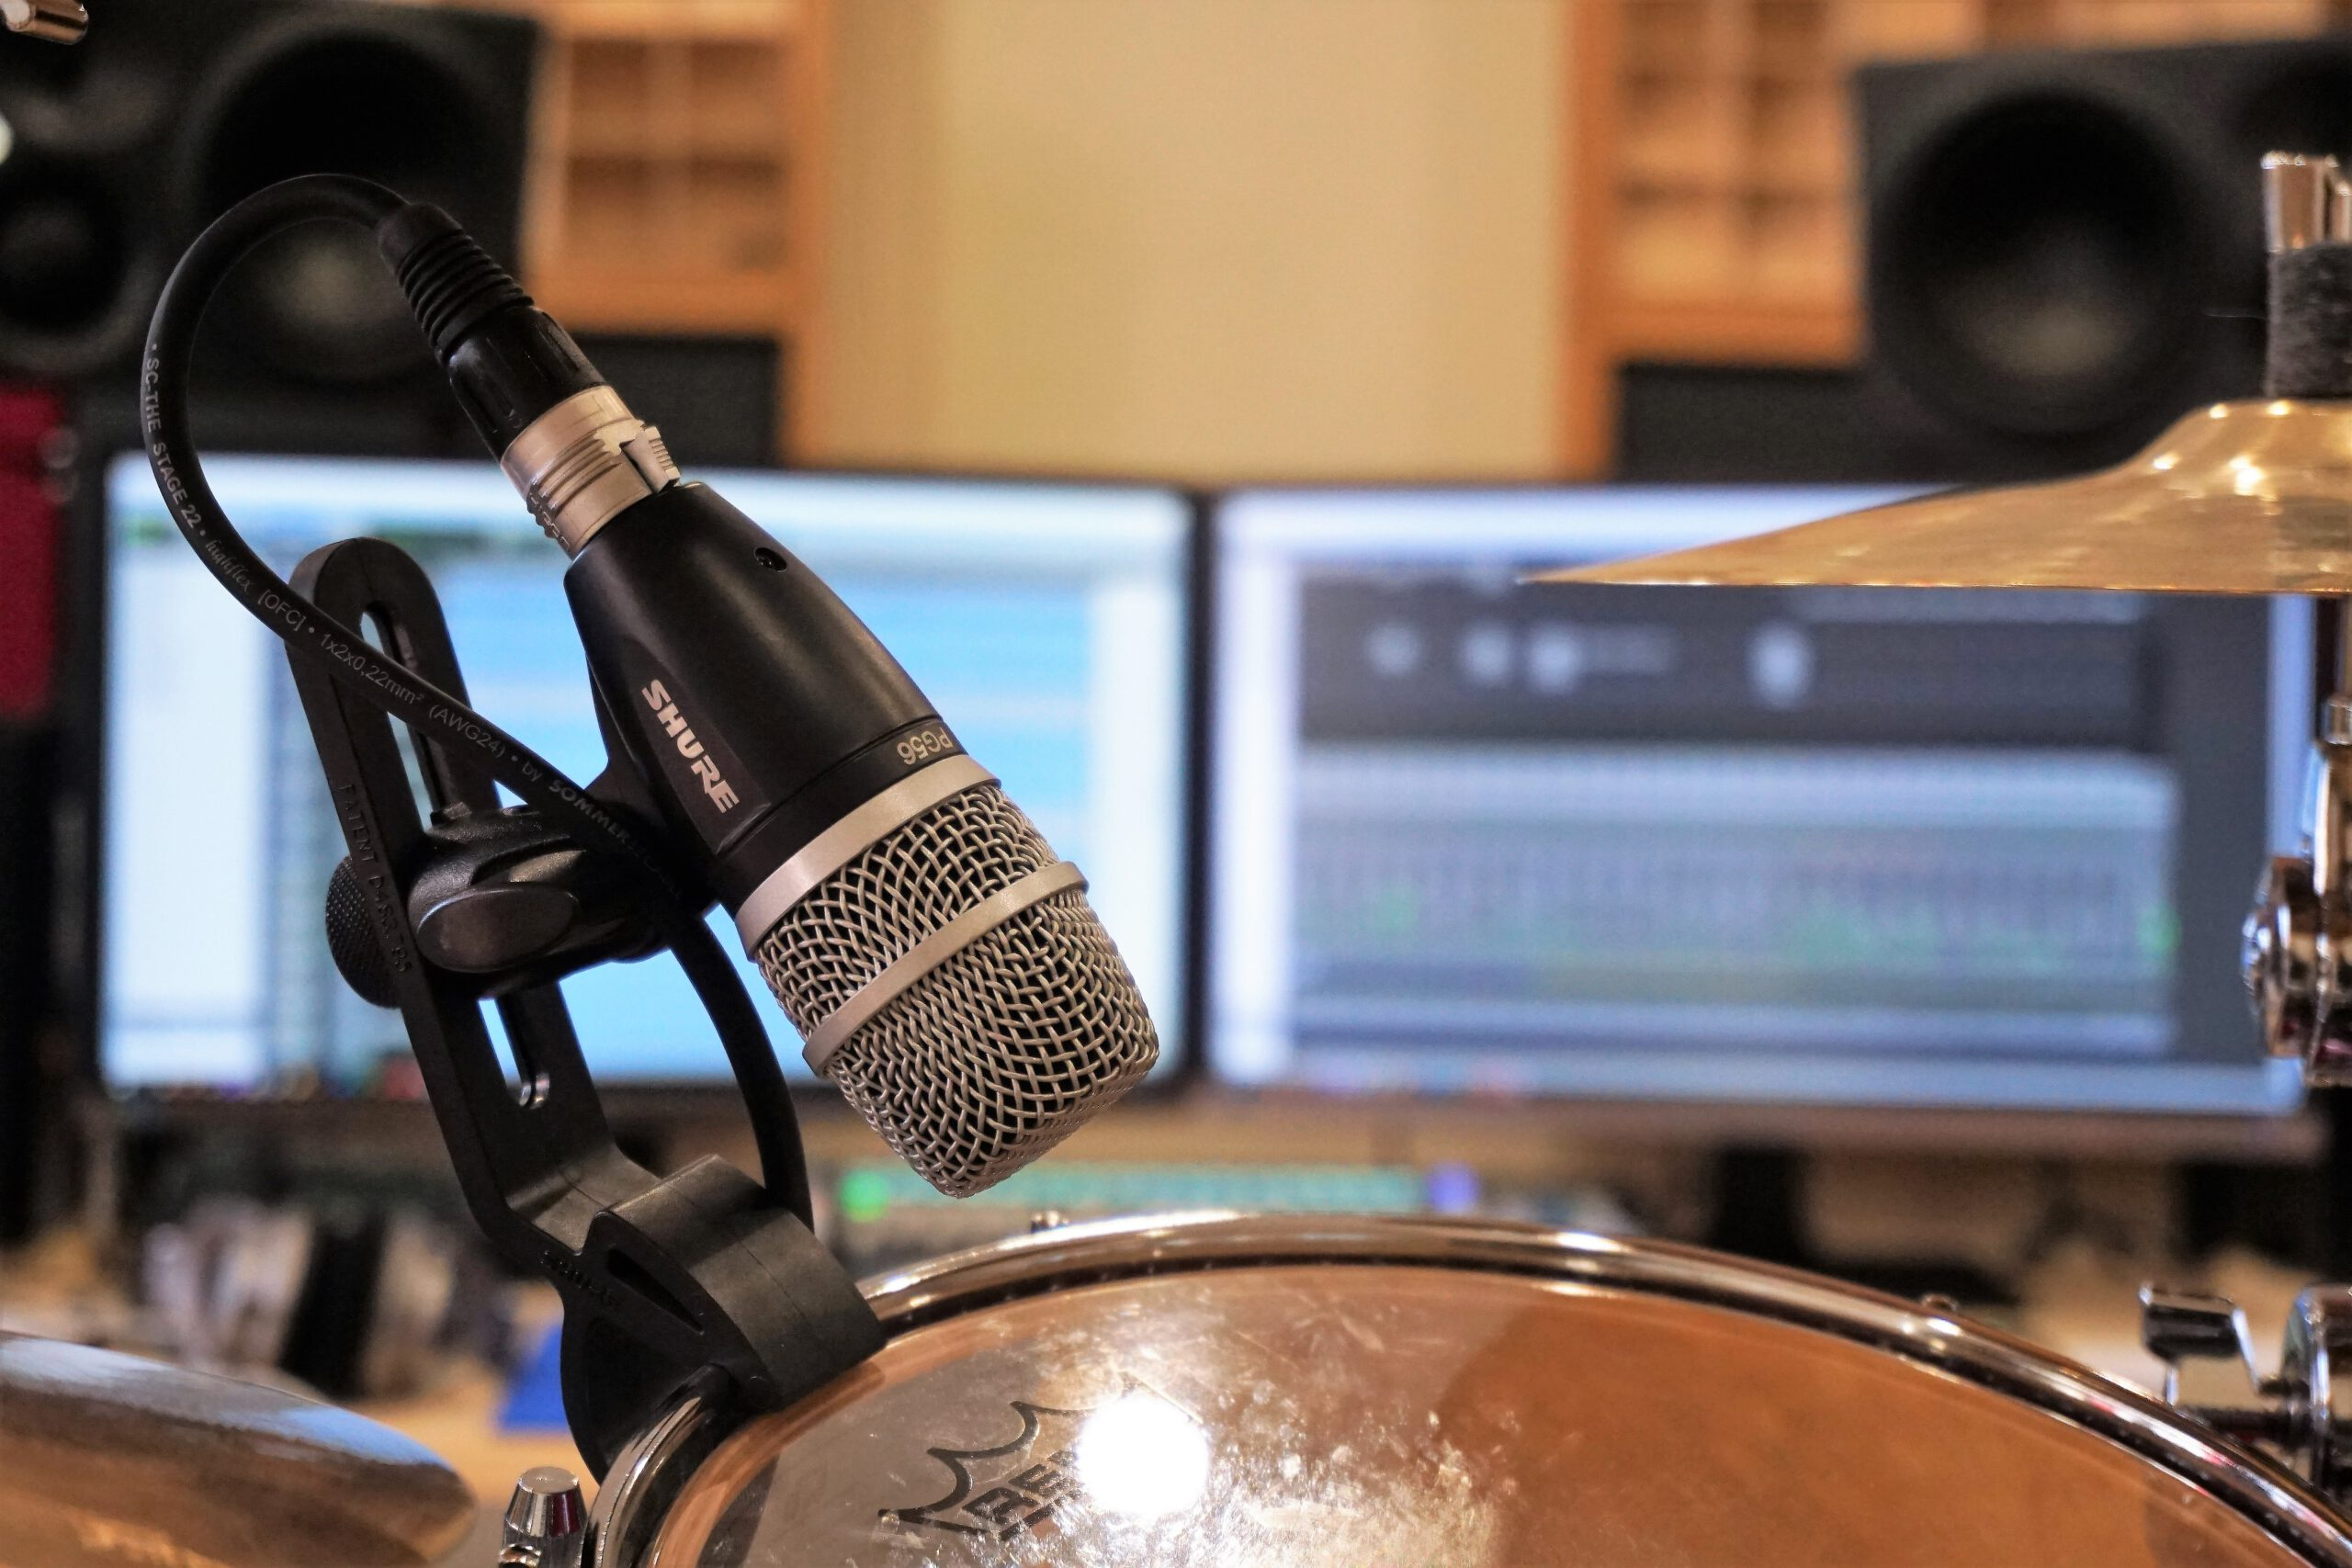 Dynamisches Mikrofon am Rack-Tom (Drumset), PC-Bildschirme und Studio-Monitore im Hintergrund.